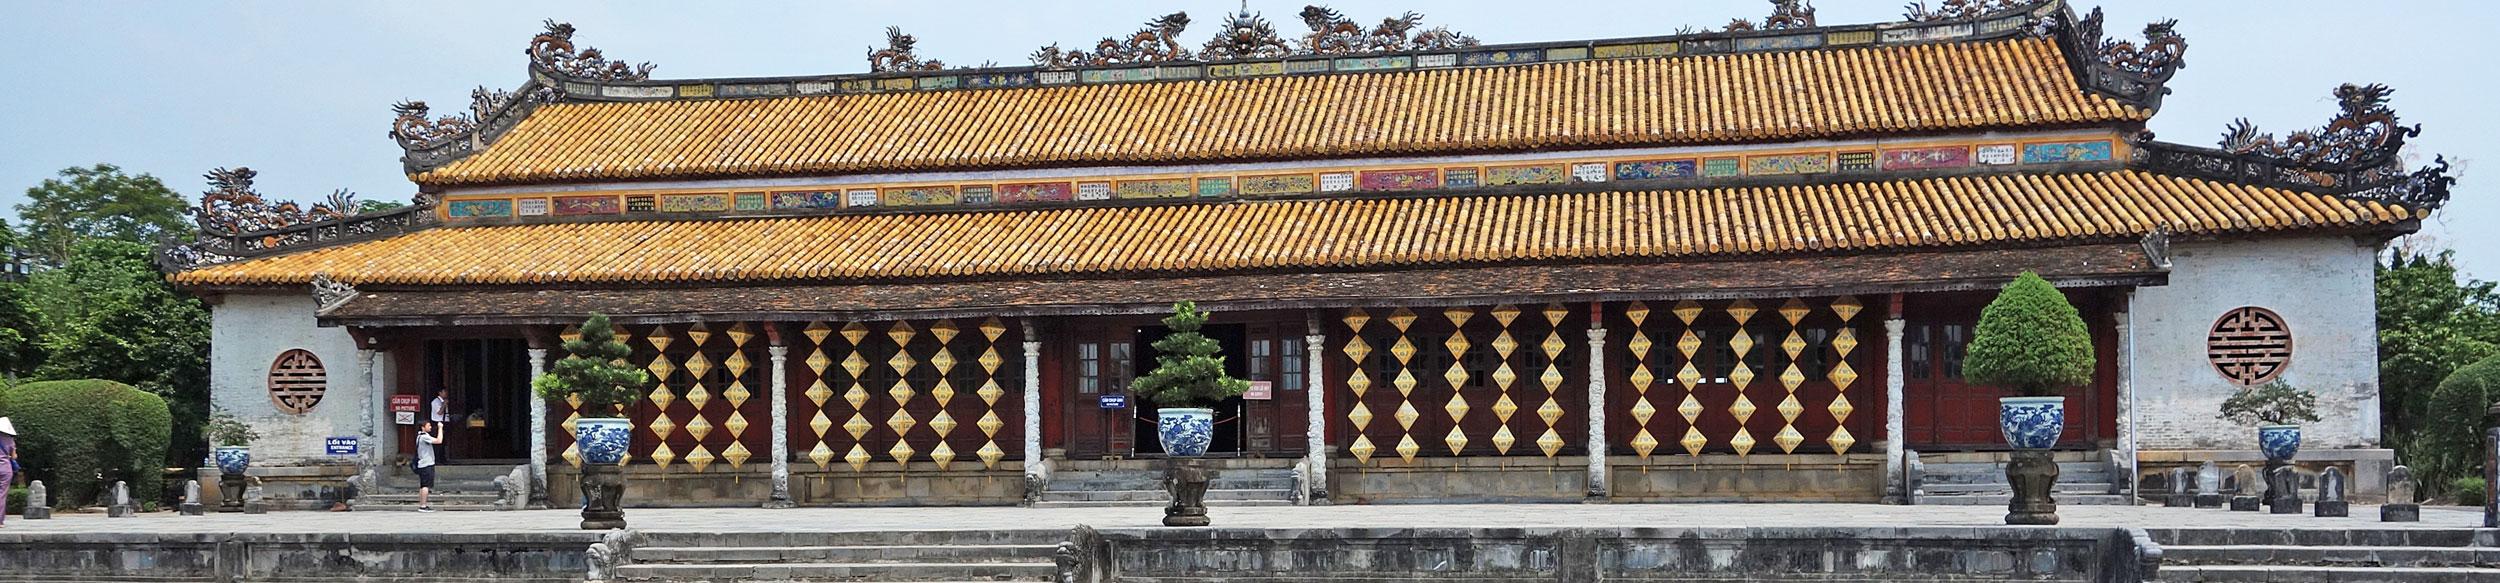 Cité impériale de Hué au centre Vietnam